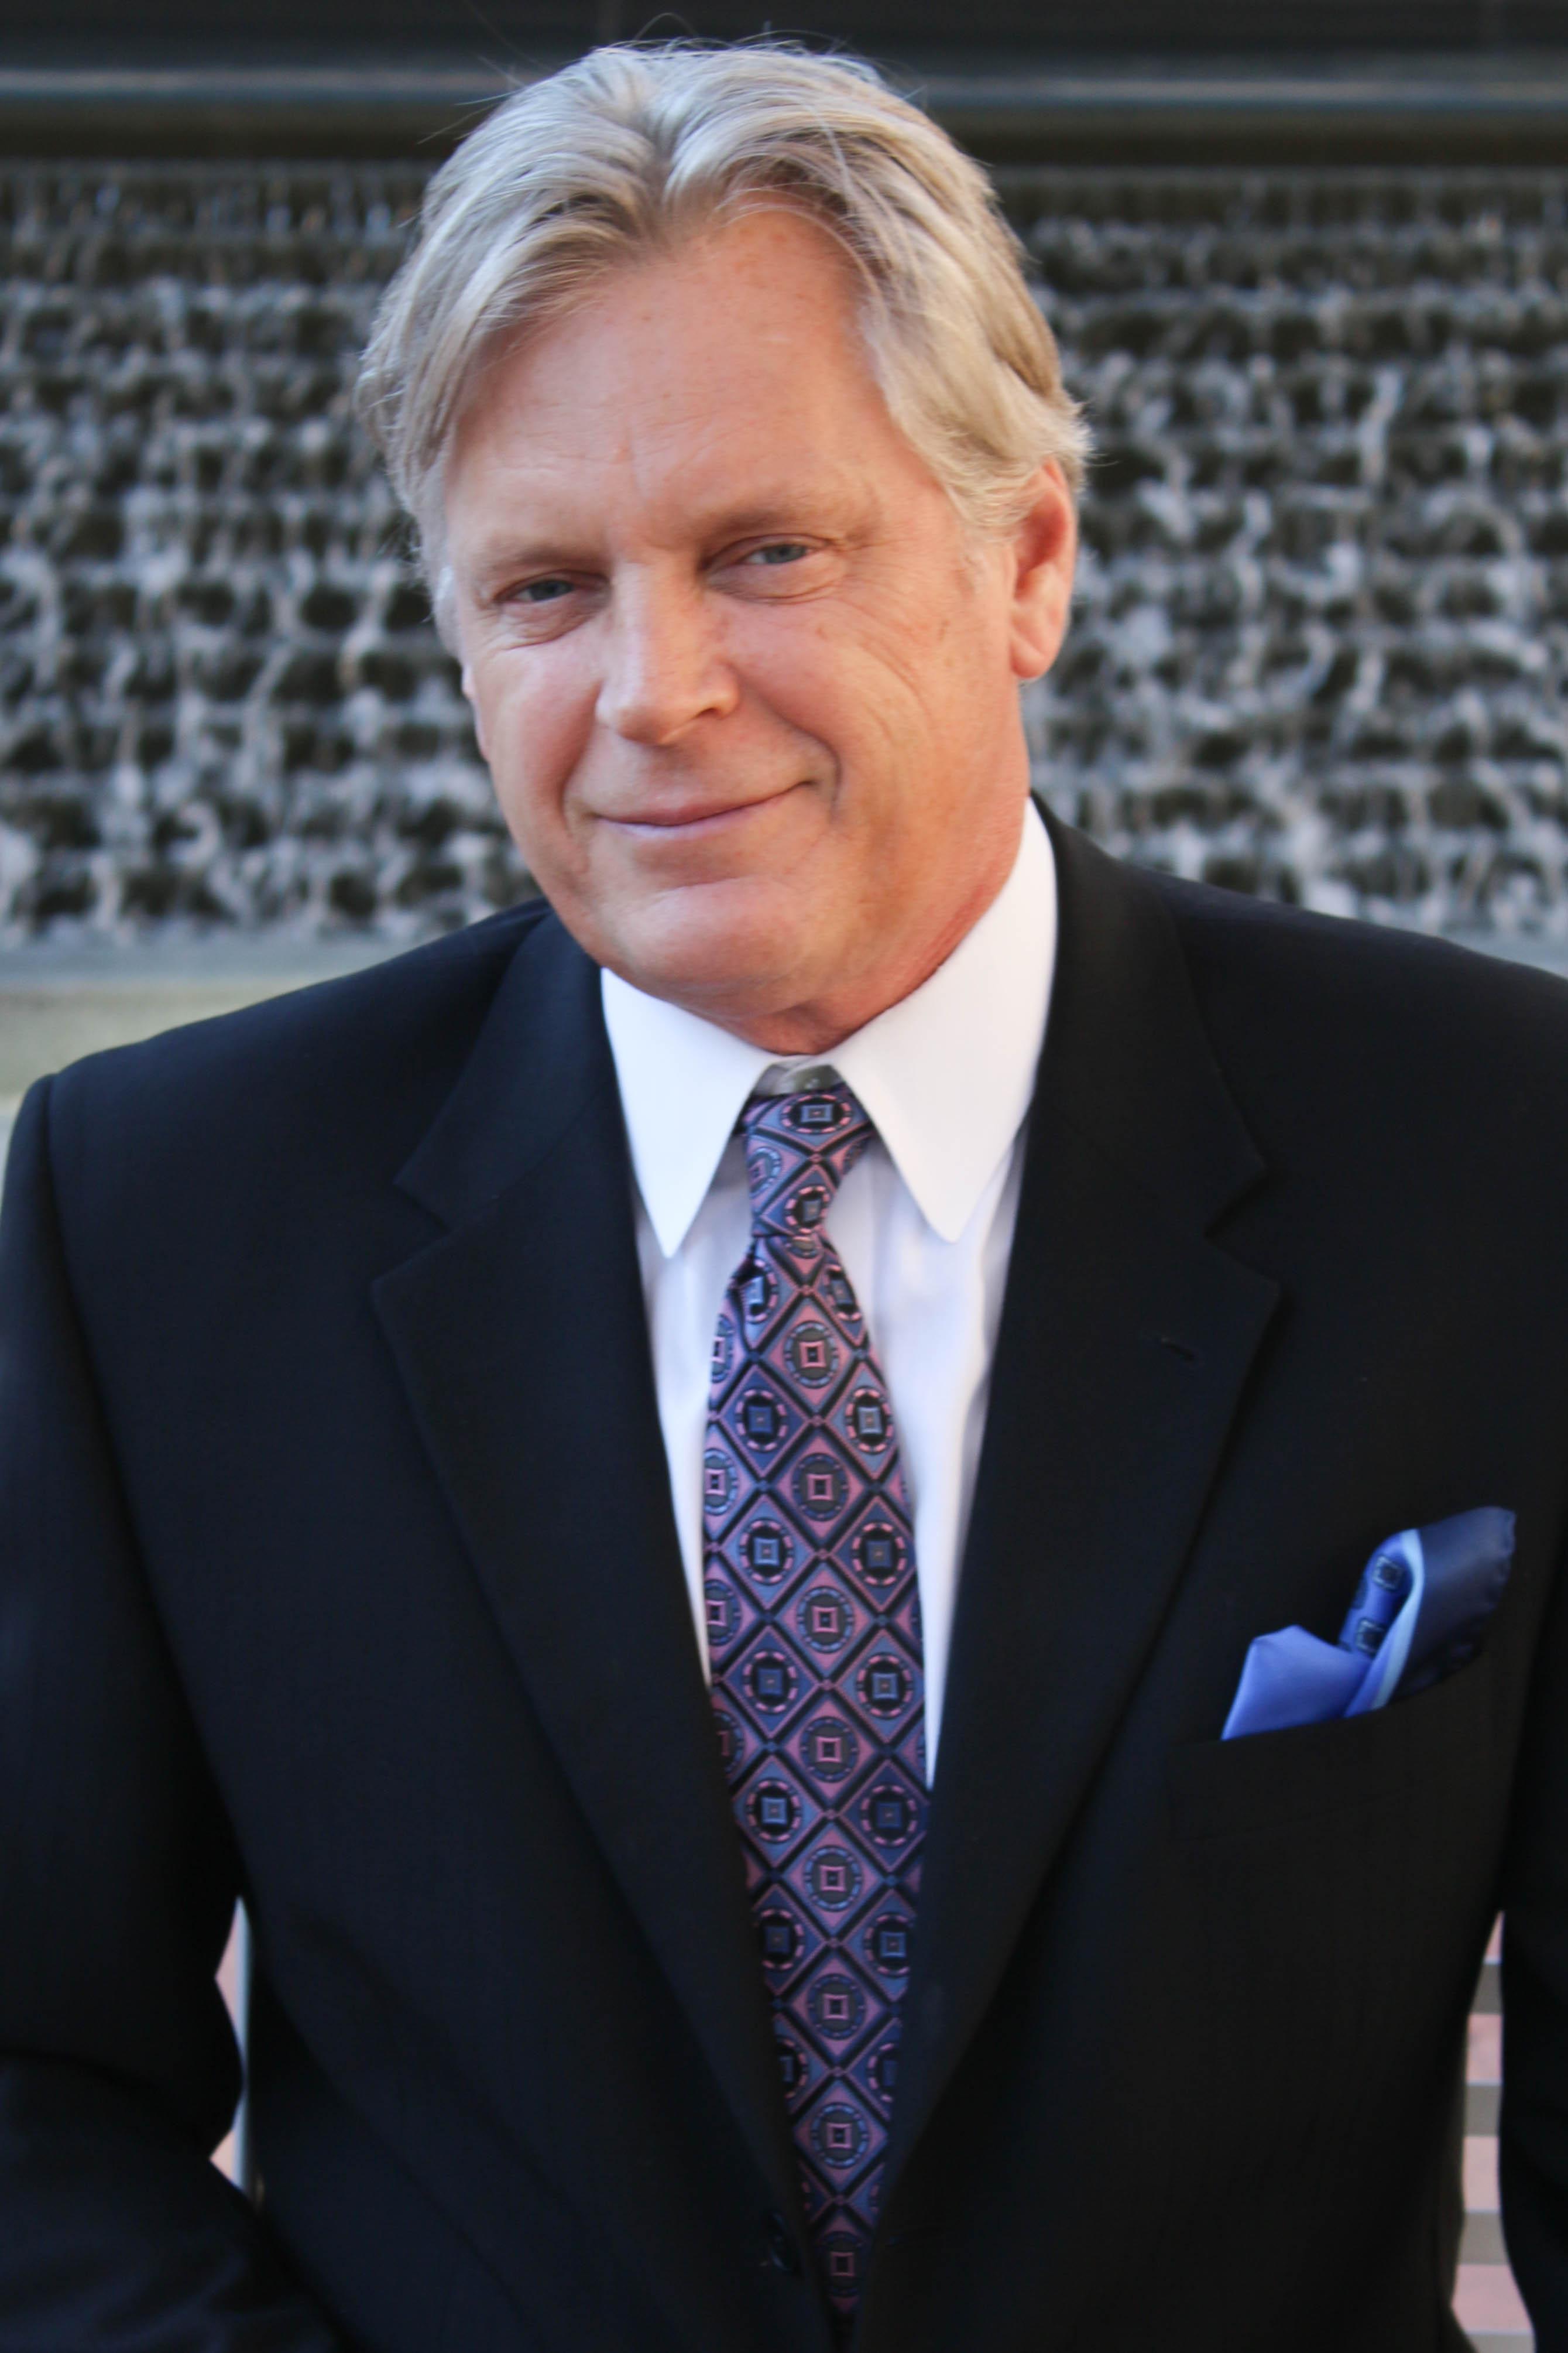 Jim Lacamp